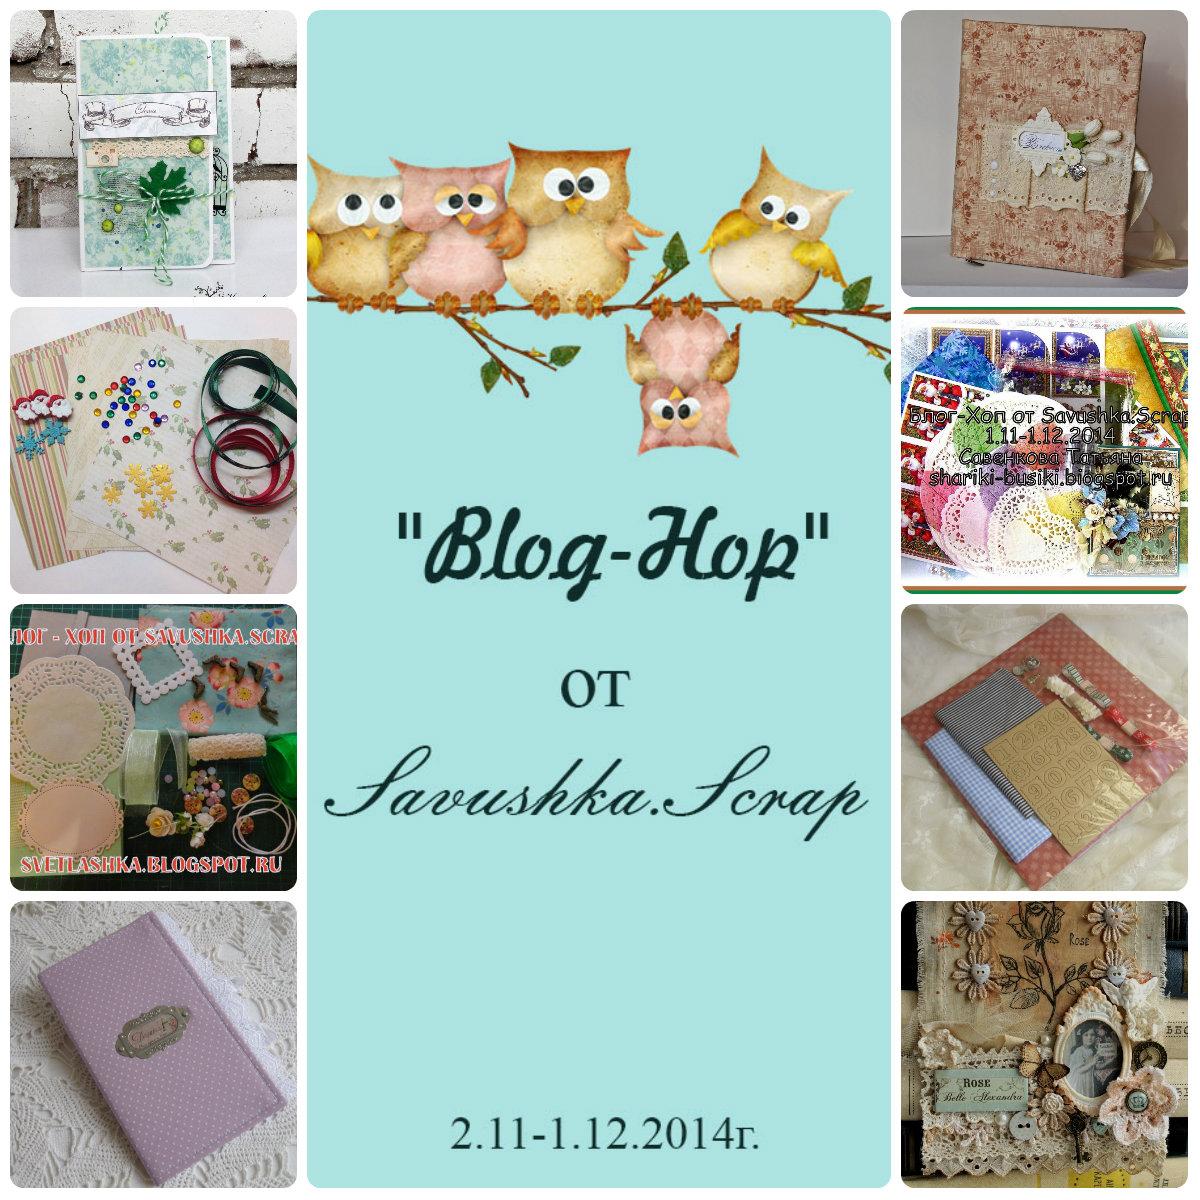 http://savushkascrap.blogspot.ru/2014/11/blog-hop-savushkascrap.html